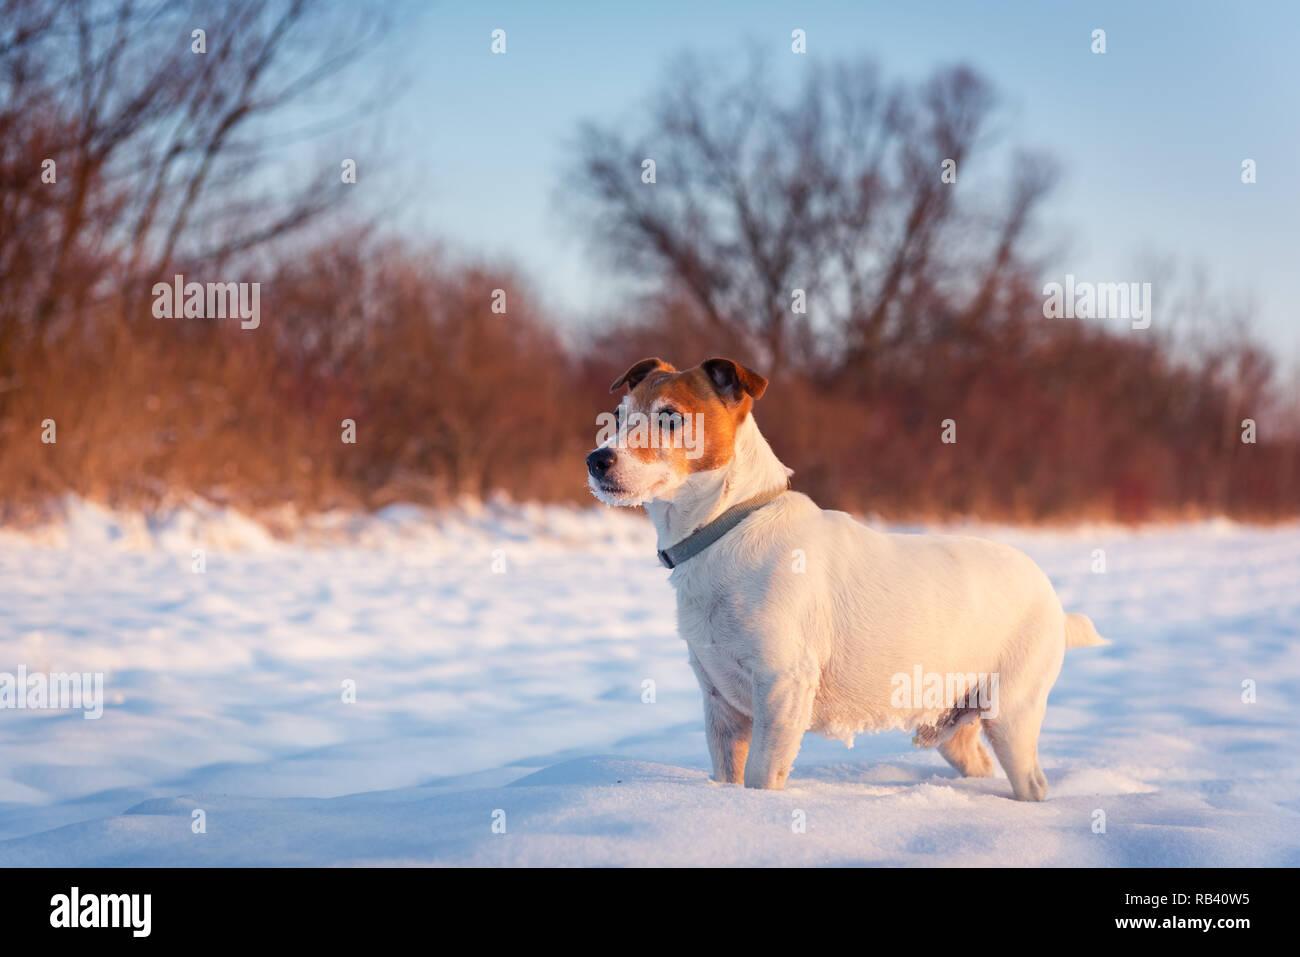 White Jack Russel Terrier Cucciolo Sul Campo Nevoso Cane Adulto Con